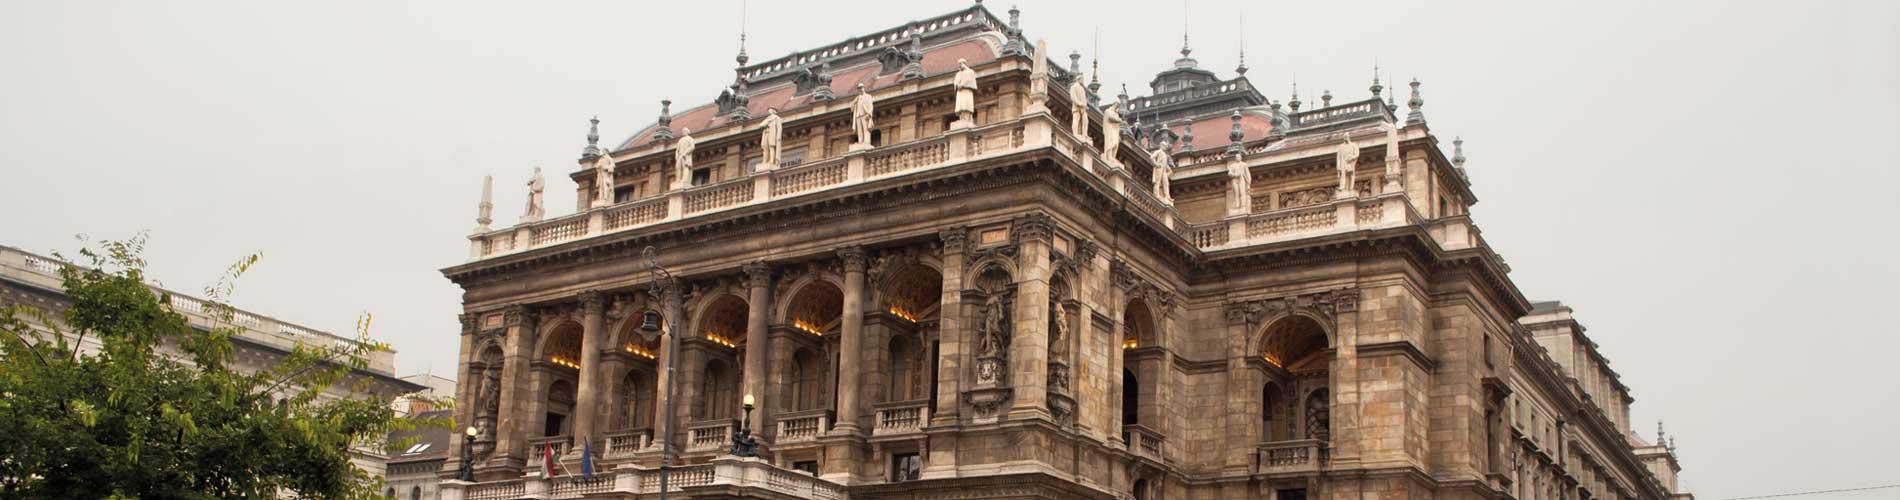 Blog_SoloTravel_VDay_Budapest_1900x500_Q120